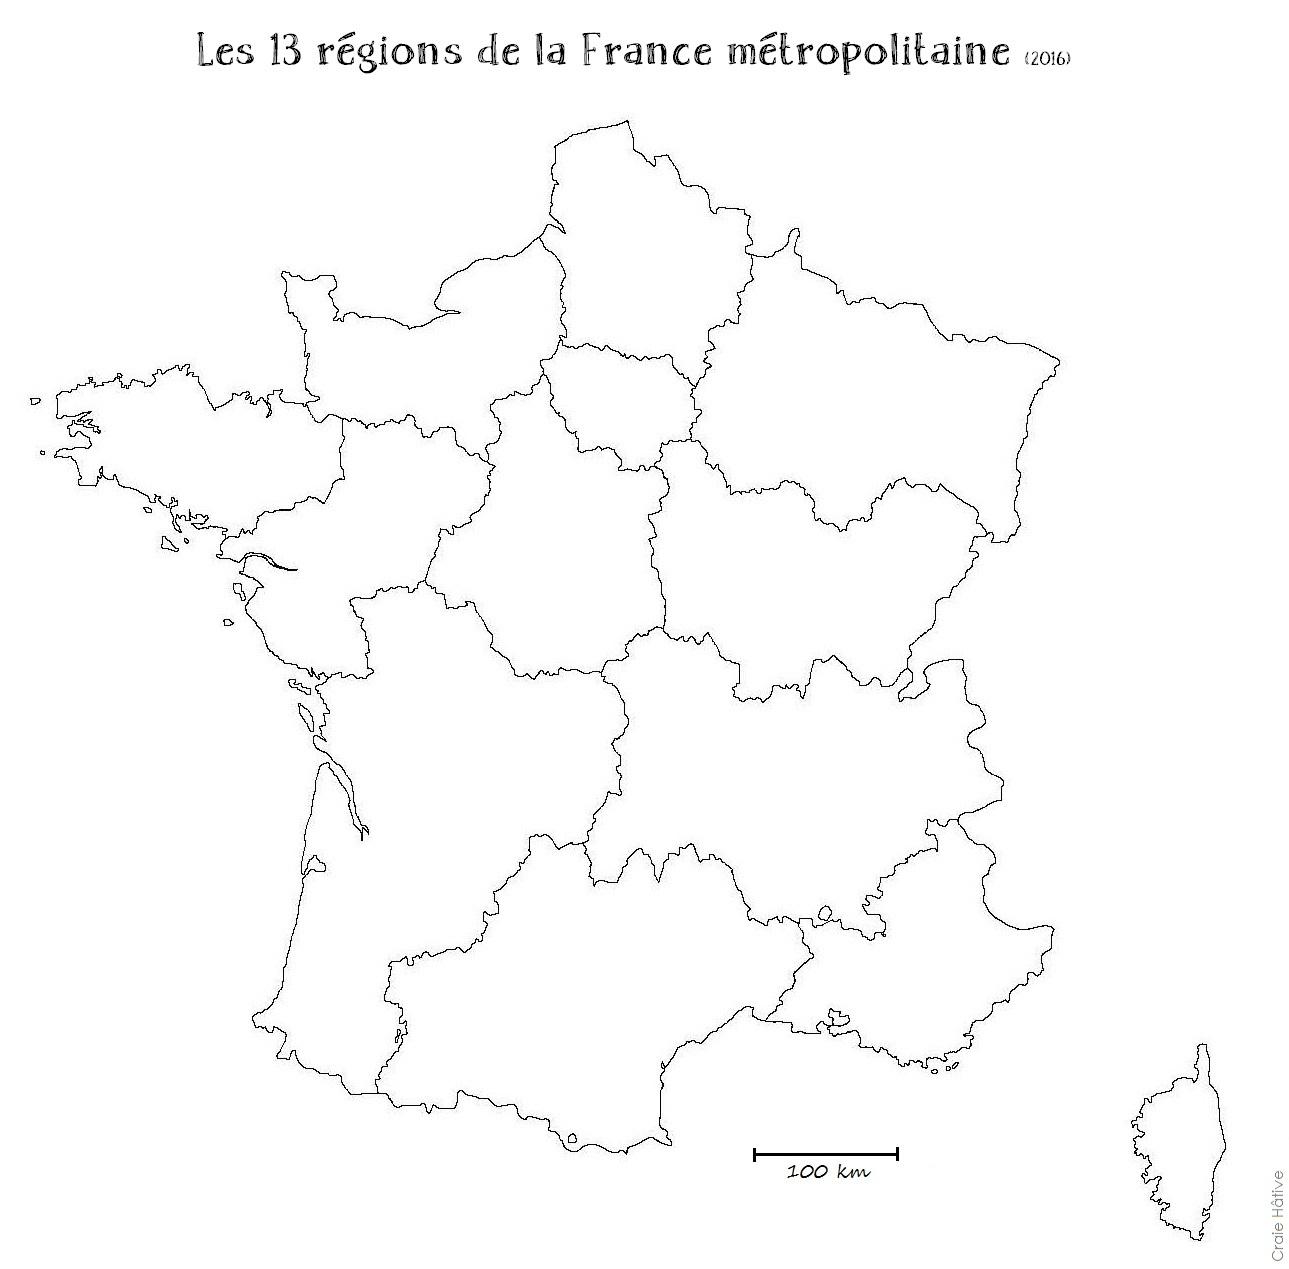 Cartes Des Régions De La France Métropolitaine - 2016 tout Carte De France Muette À Compléter